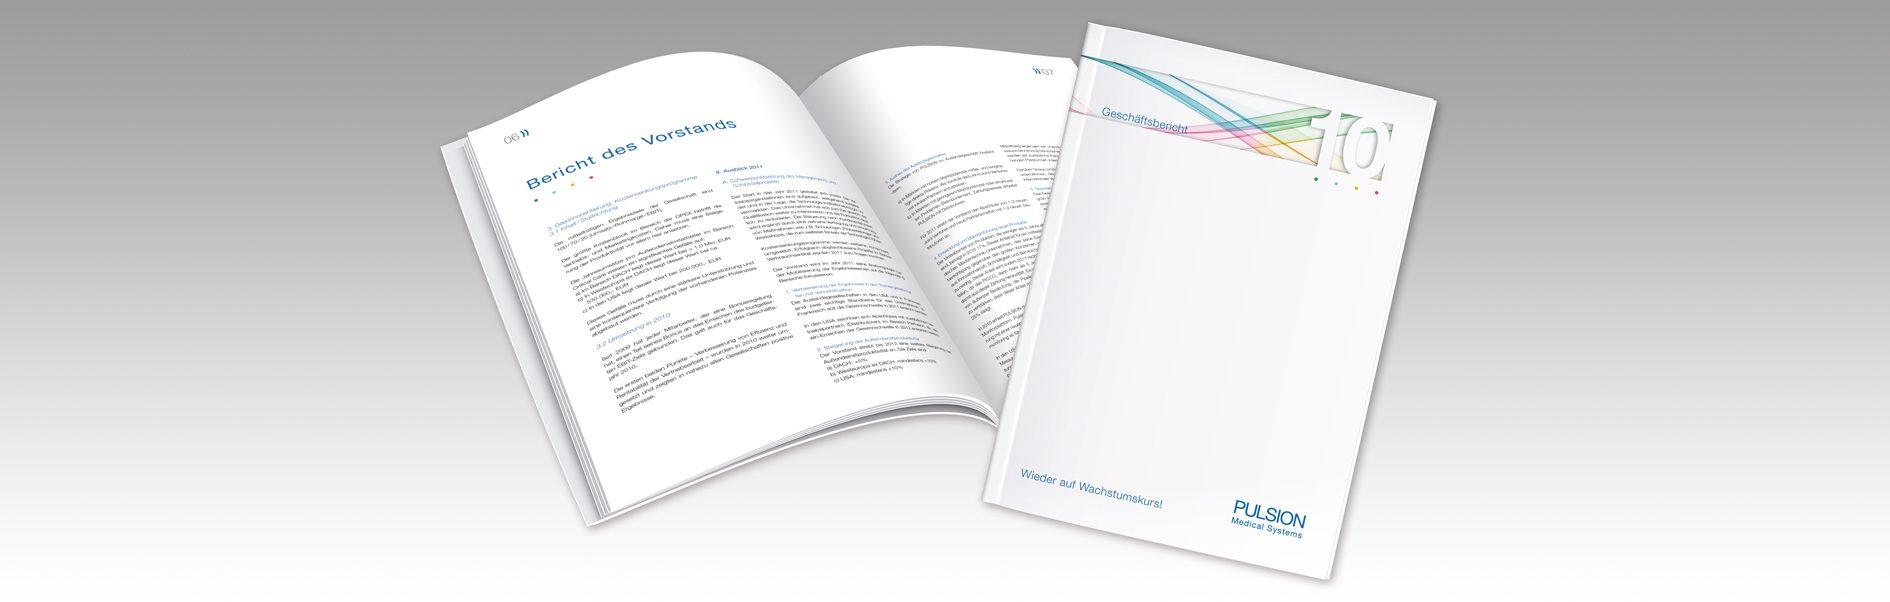 Hier ist der Geschäftsbericht von Pulsion abgebildet.